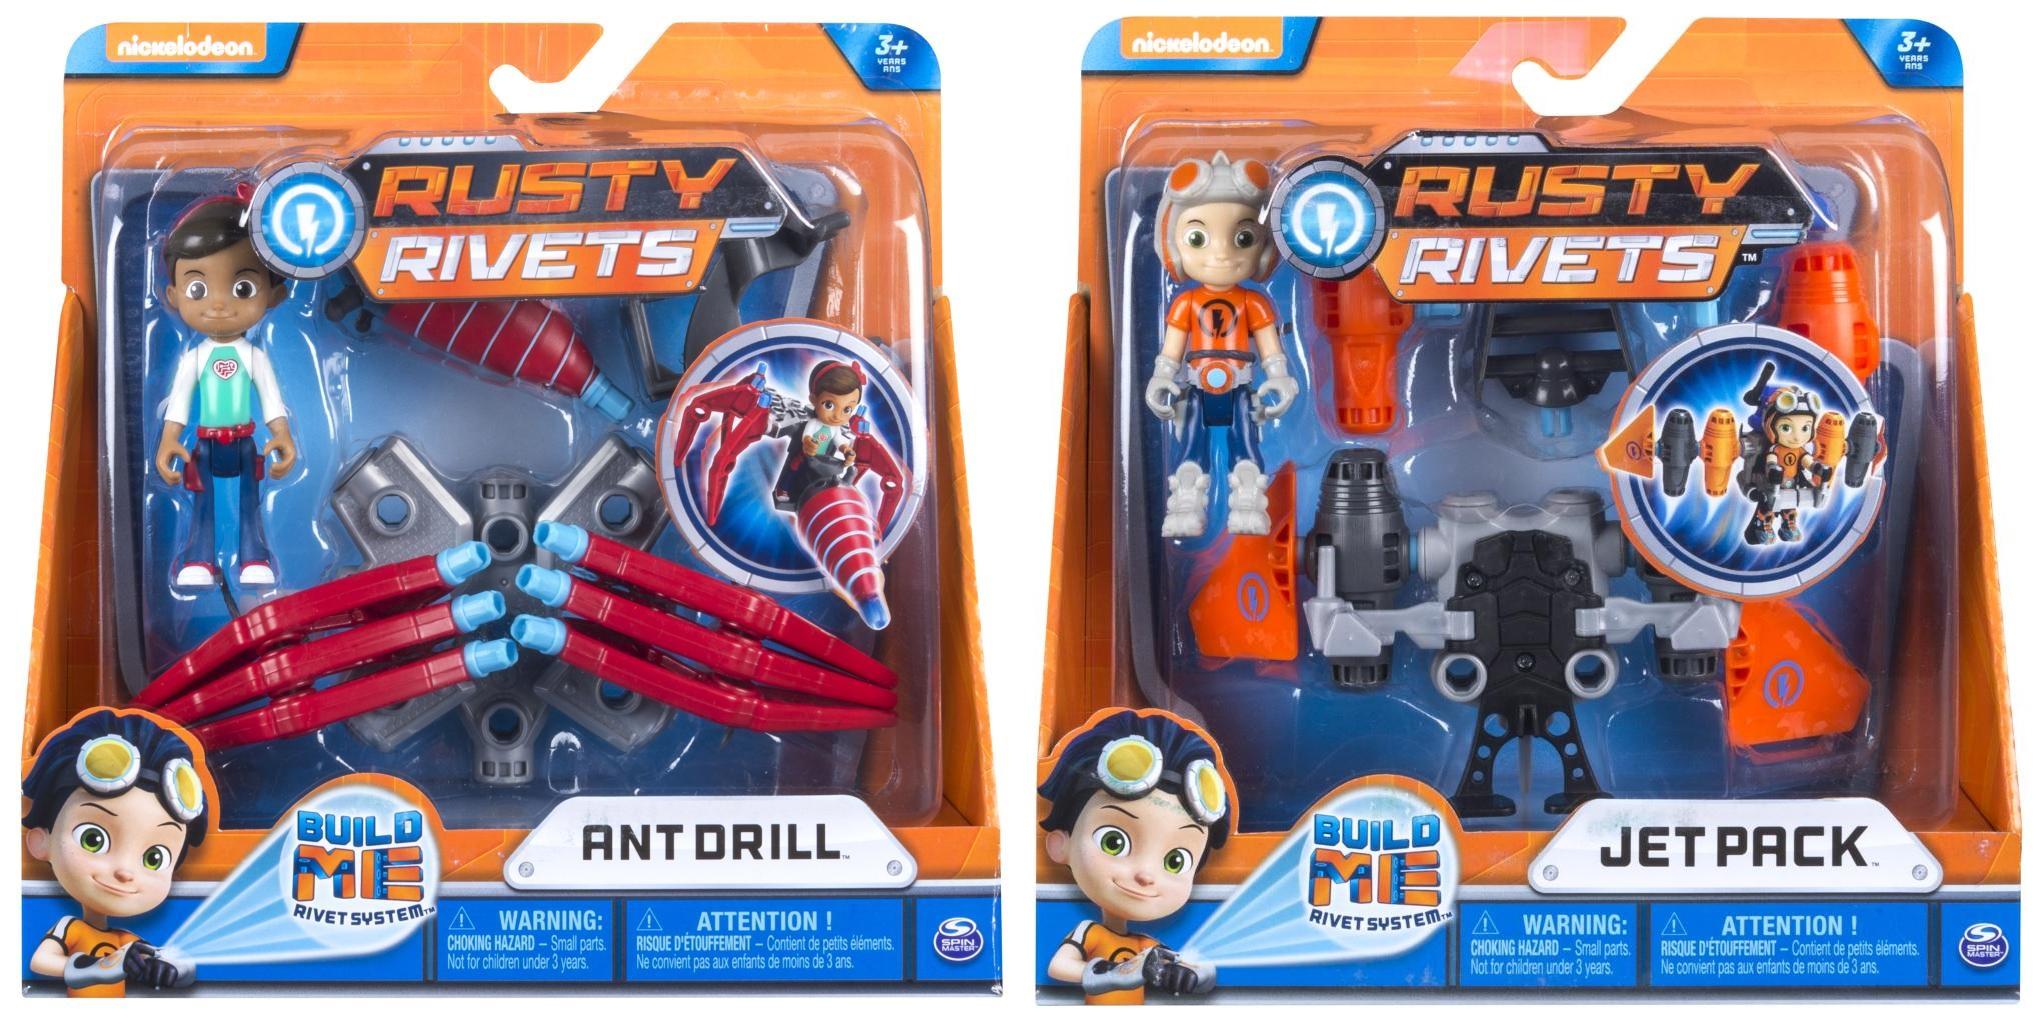 Игровой набор фигурка с транспортом Rusty Rivets, арт. 6034118, 2 фигурки в блистере